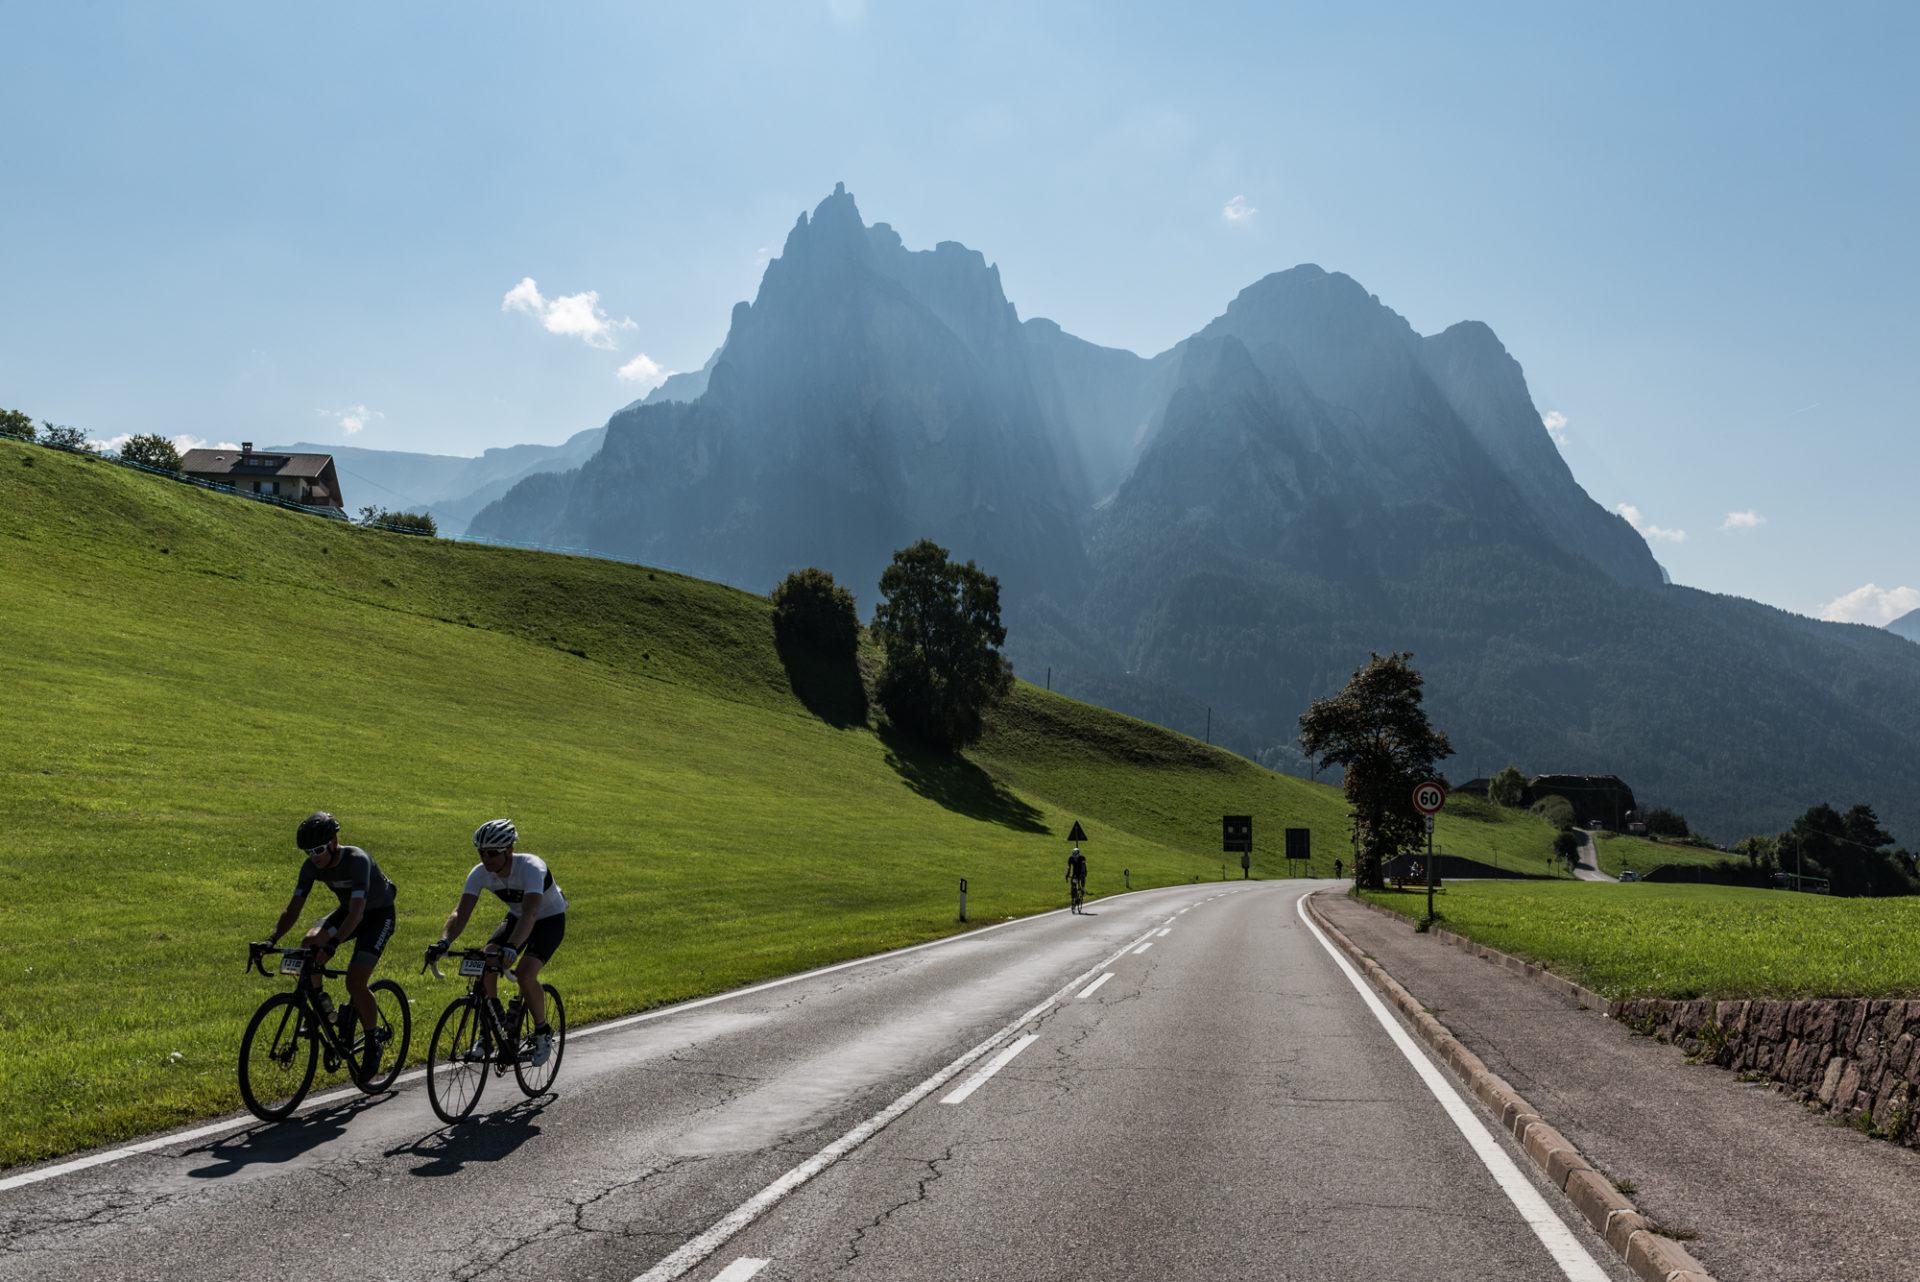 20e7655310a7 Nella nostra piccola esperienza con la bici abbiamo viaggiato un po' e di  differenze rispetto a Como ne abbiamo viste tante. Sulle Dolomiti, a  Mallorca o ...